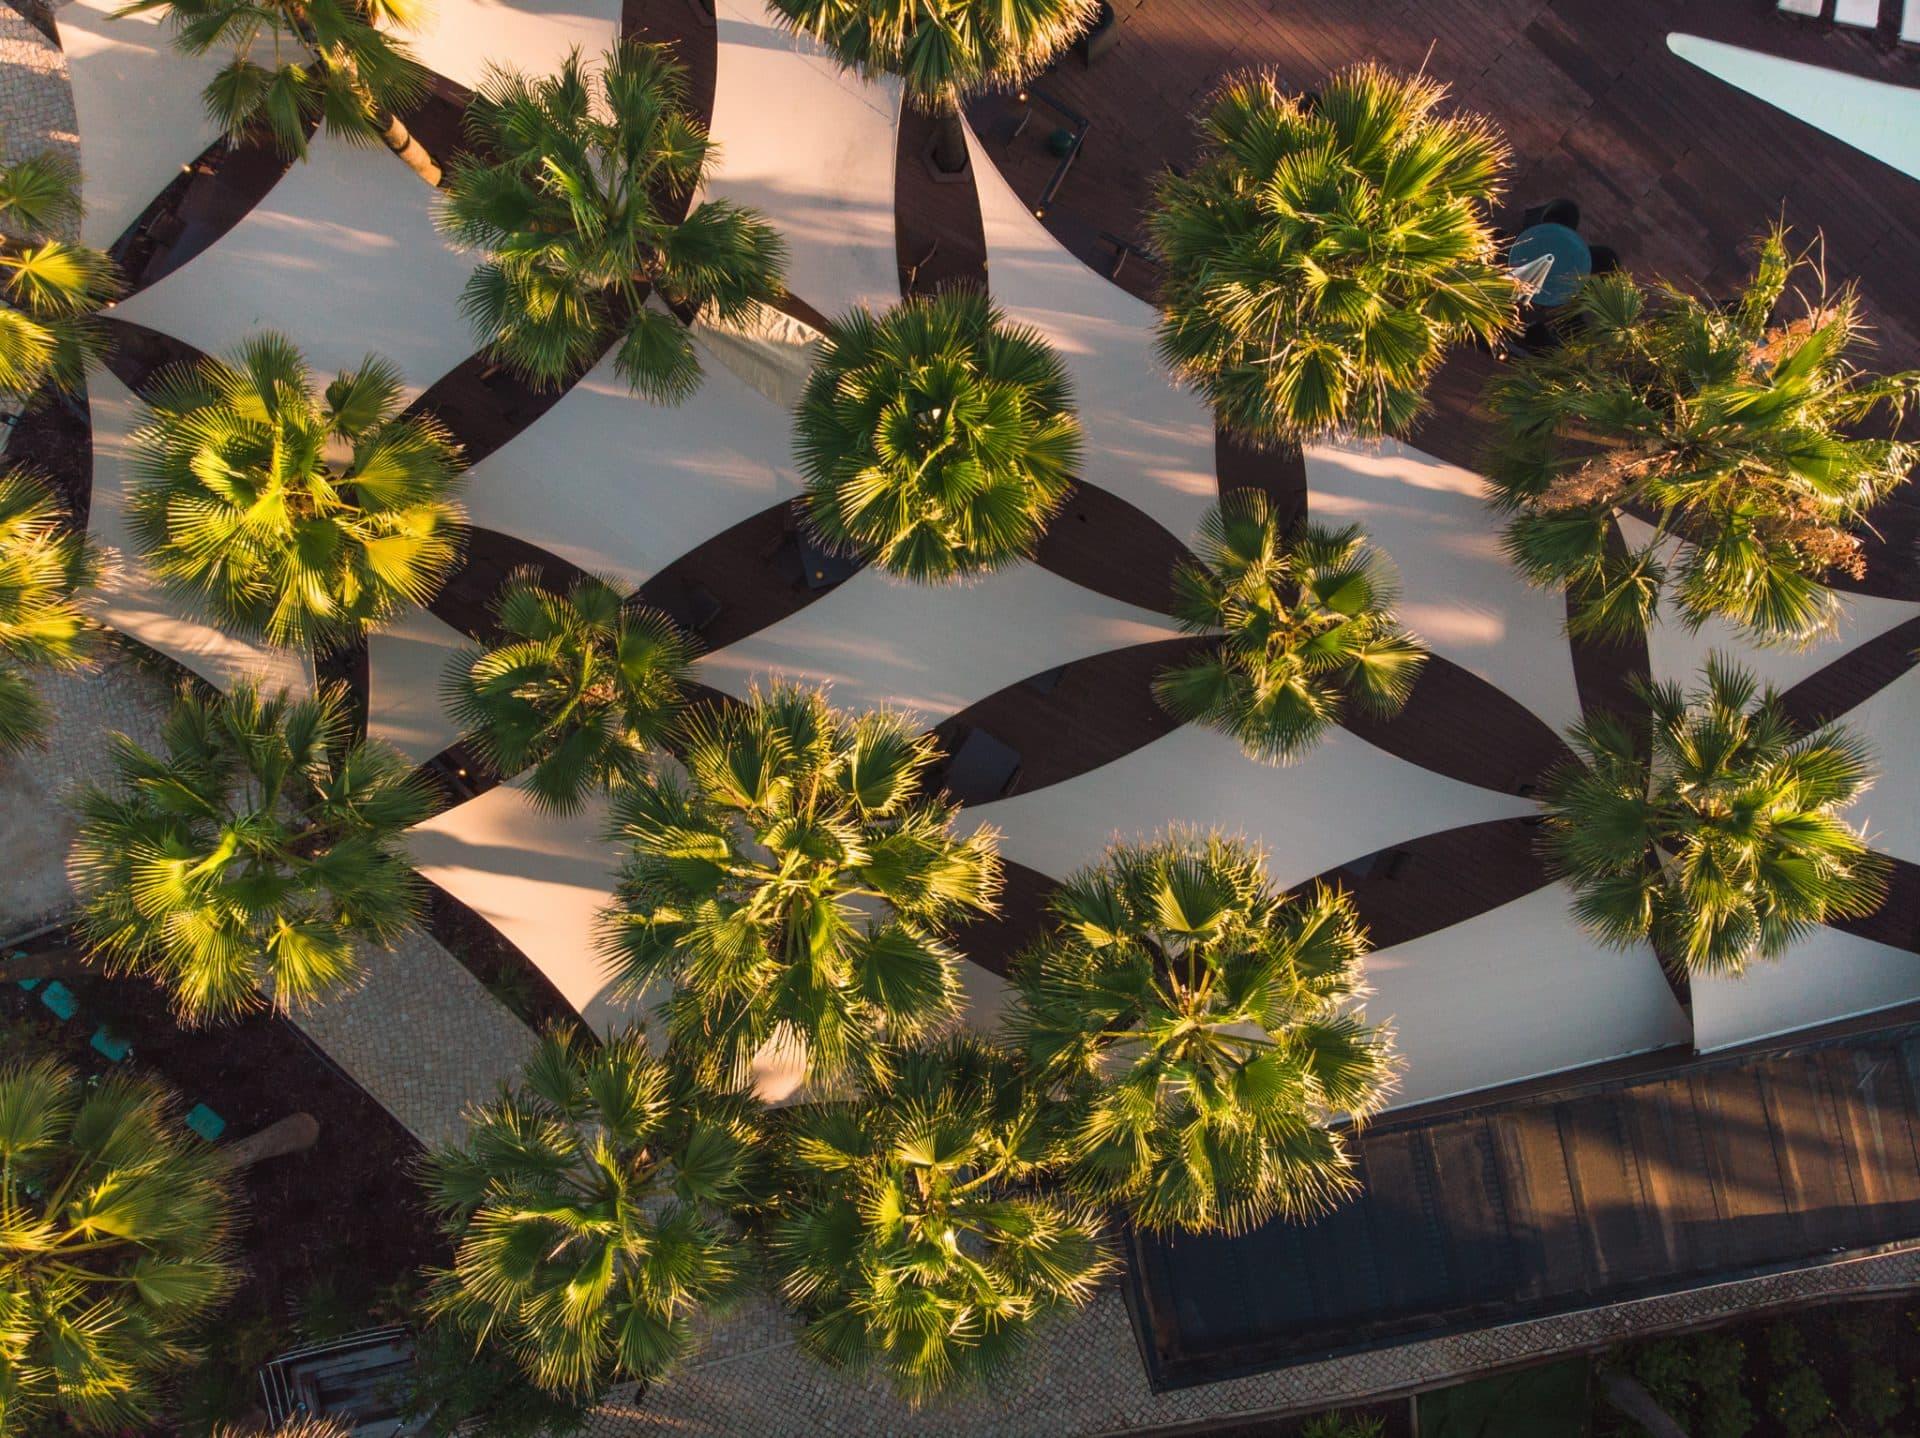 outdoor-spaces-gallery-vidamar-hotels-resorts-algarve-3